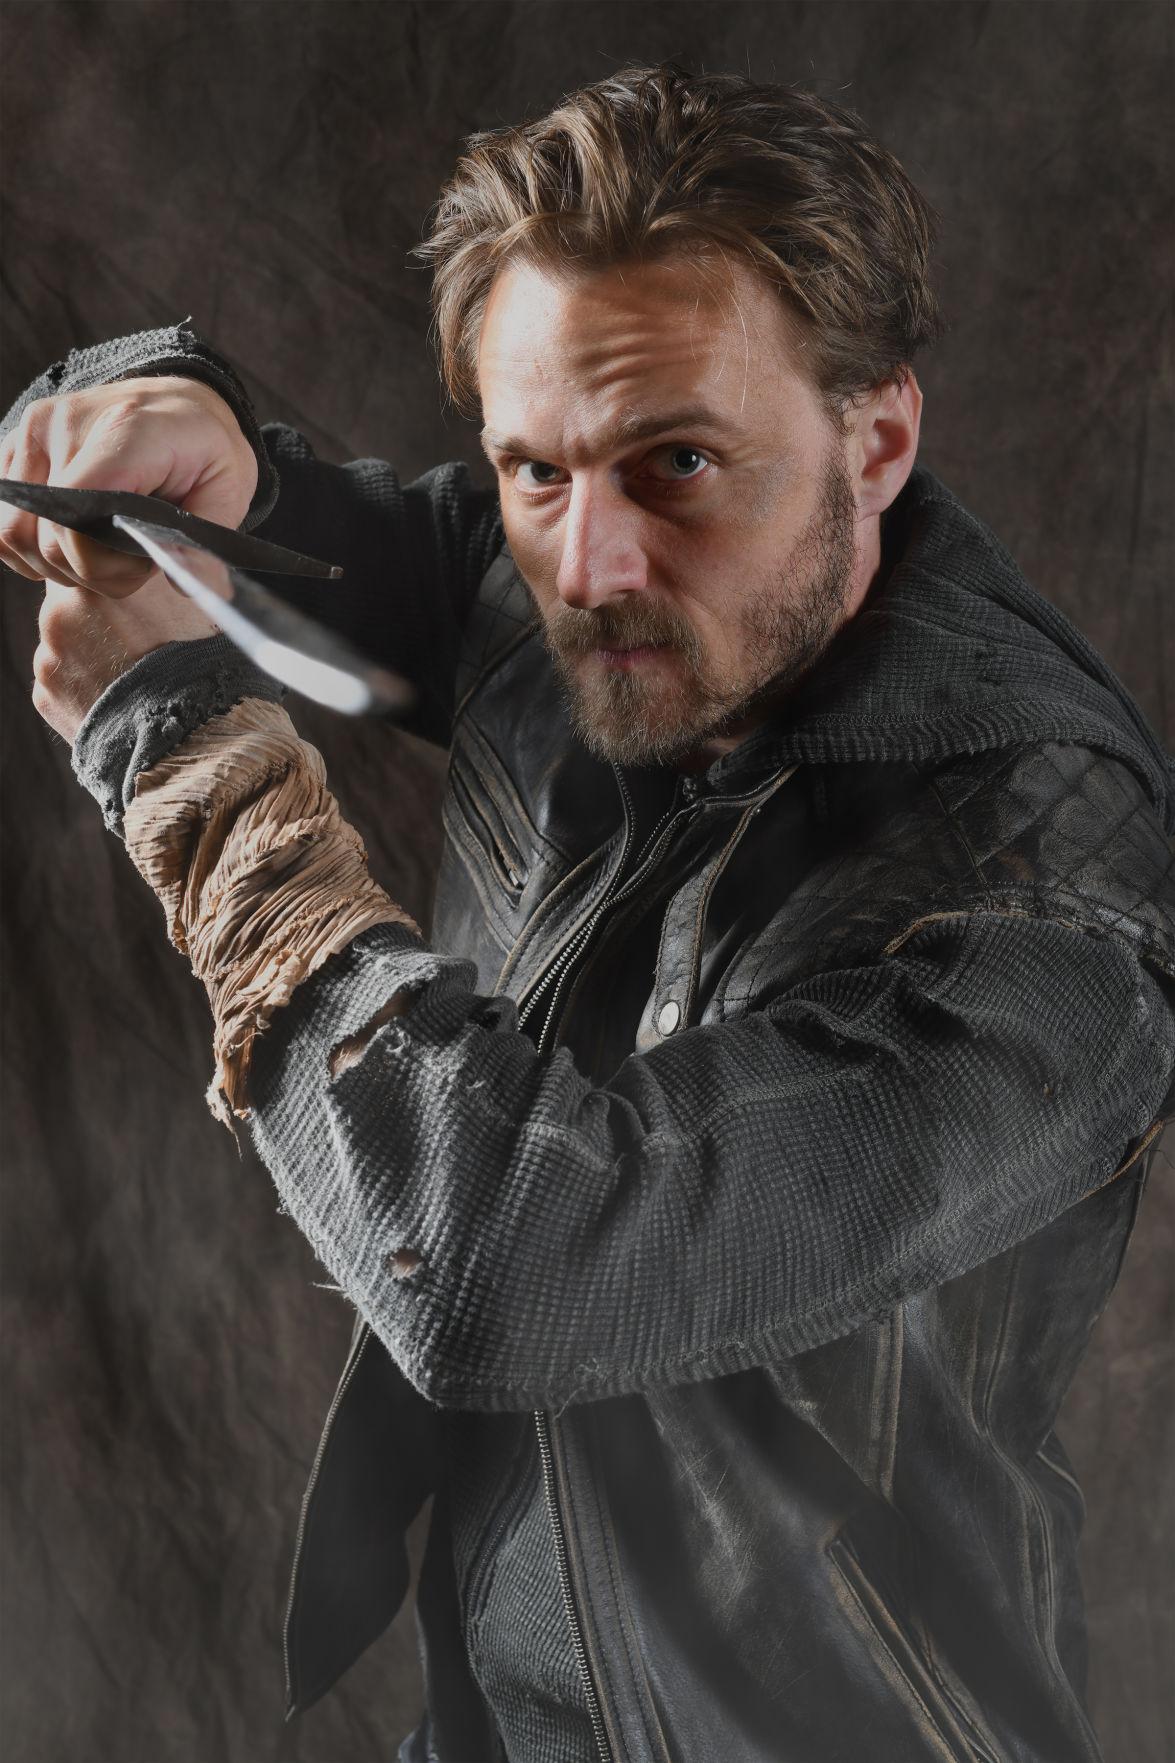 Macbeth w sword.jpg